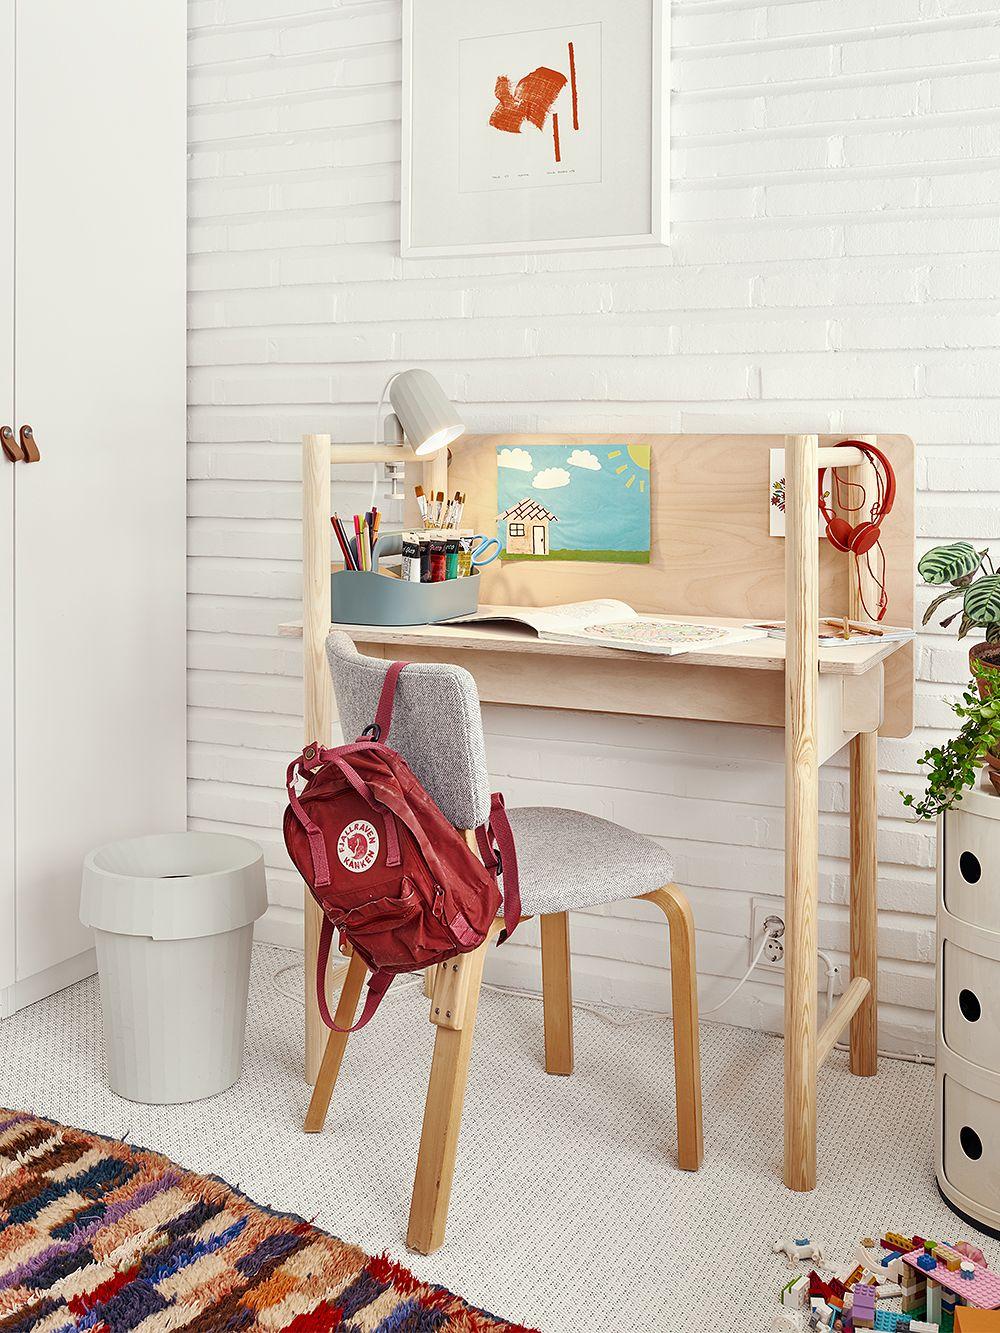 Made by Choice Fem-työpöytä lastenhuoneen sisustuksessa.